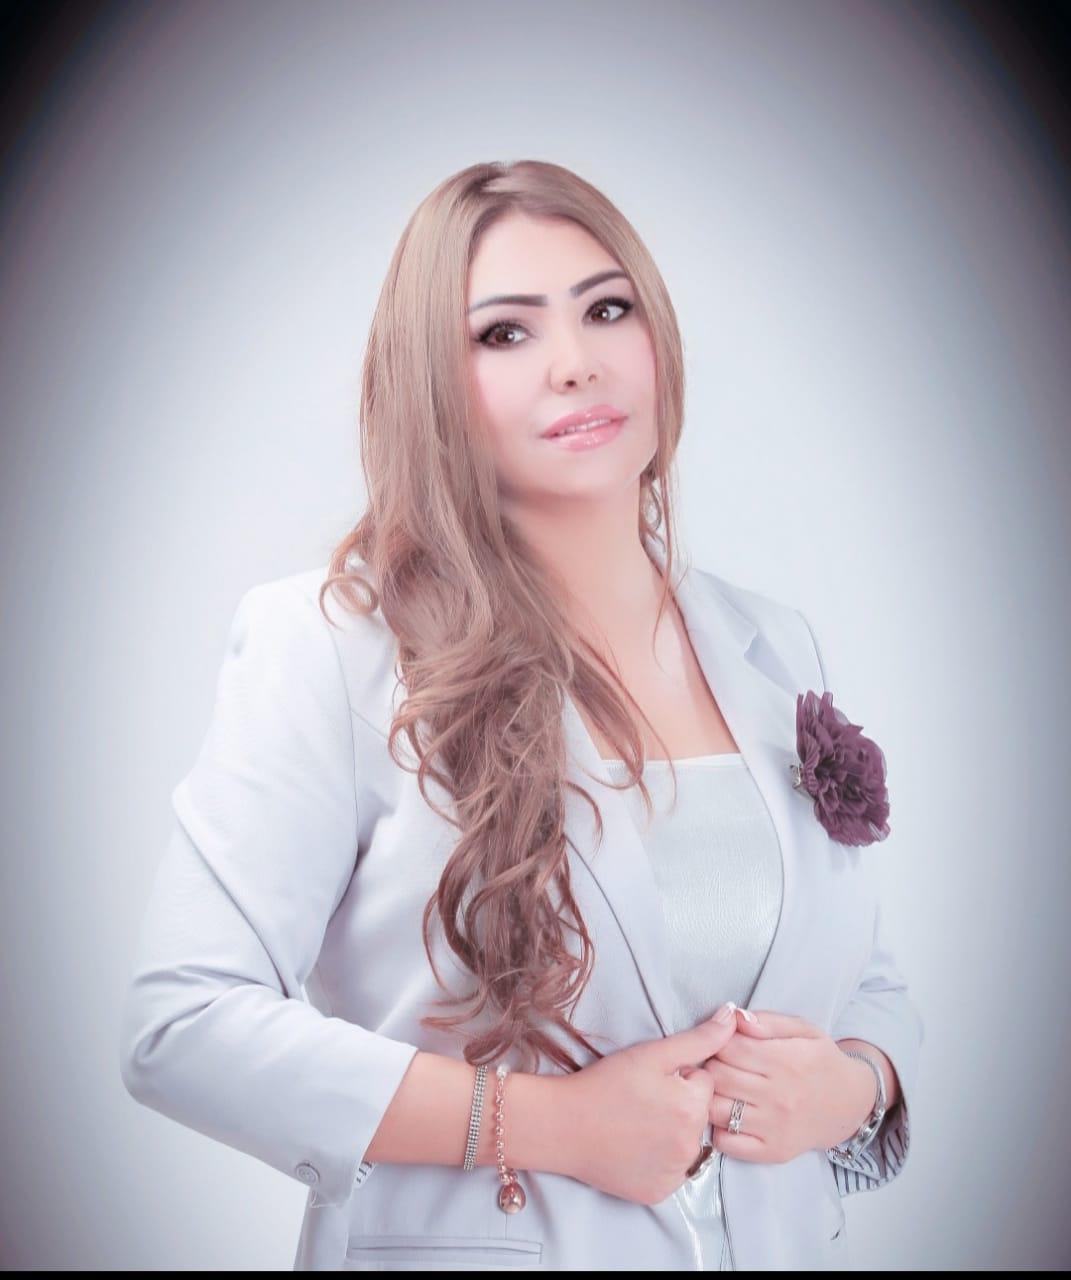 ابو العز - رشا أبو العز تستعد لتقديم برنامج اجتماعي جديد